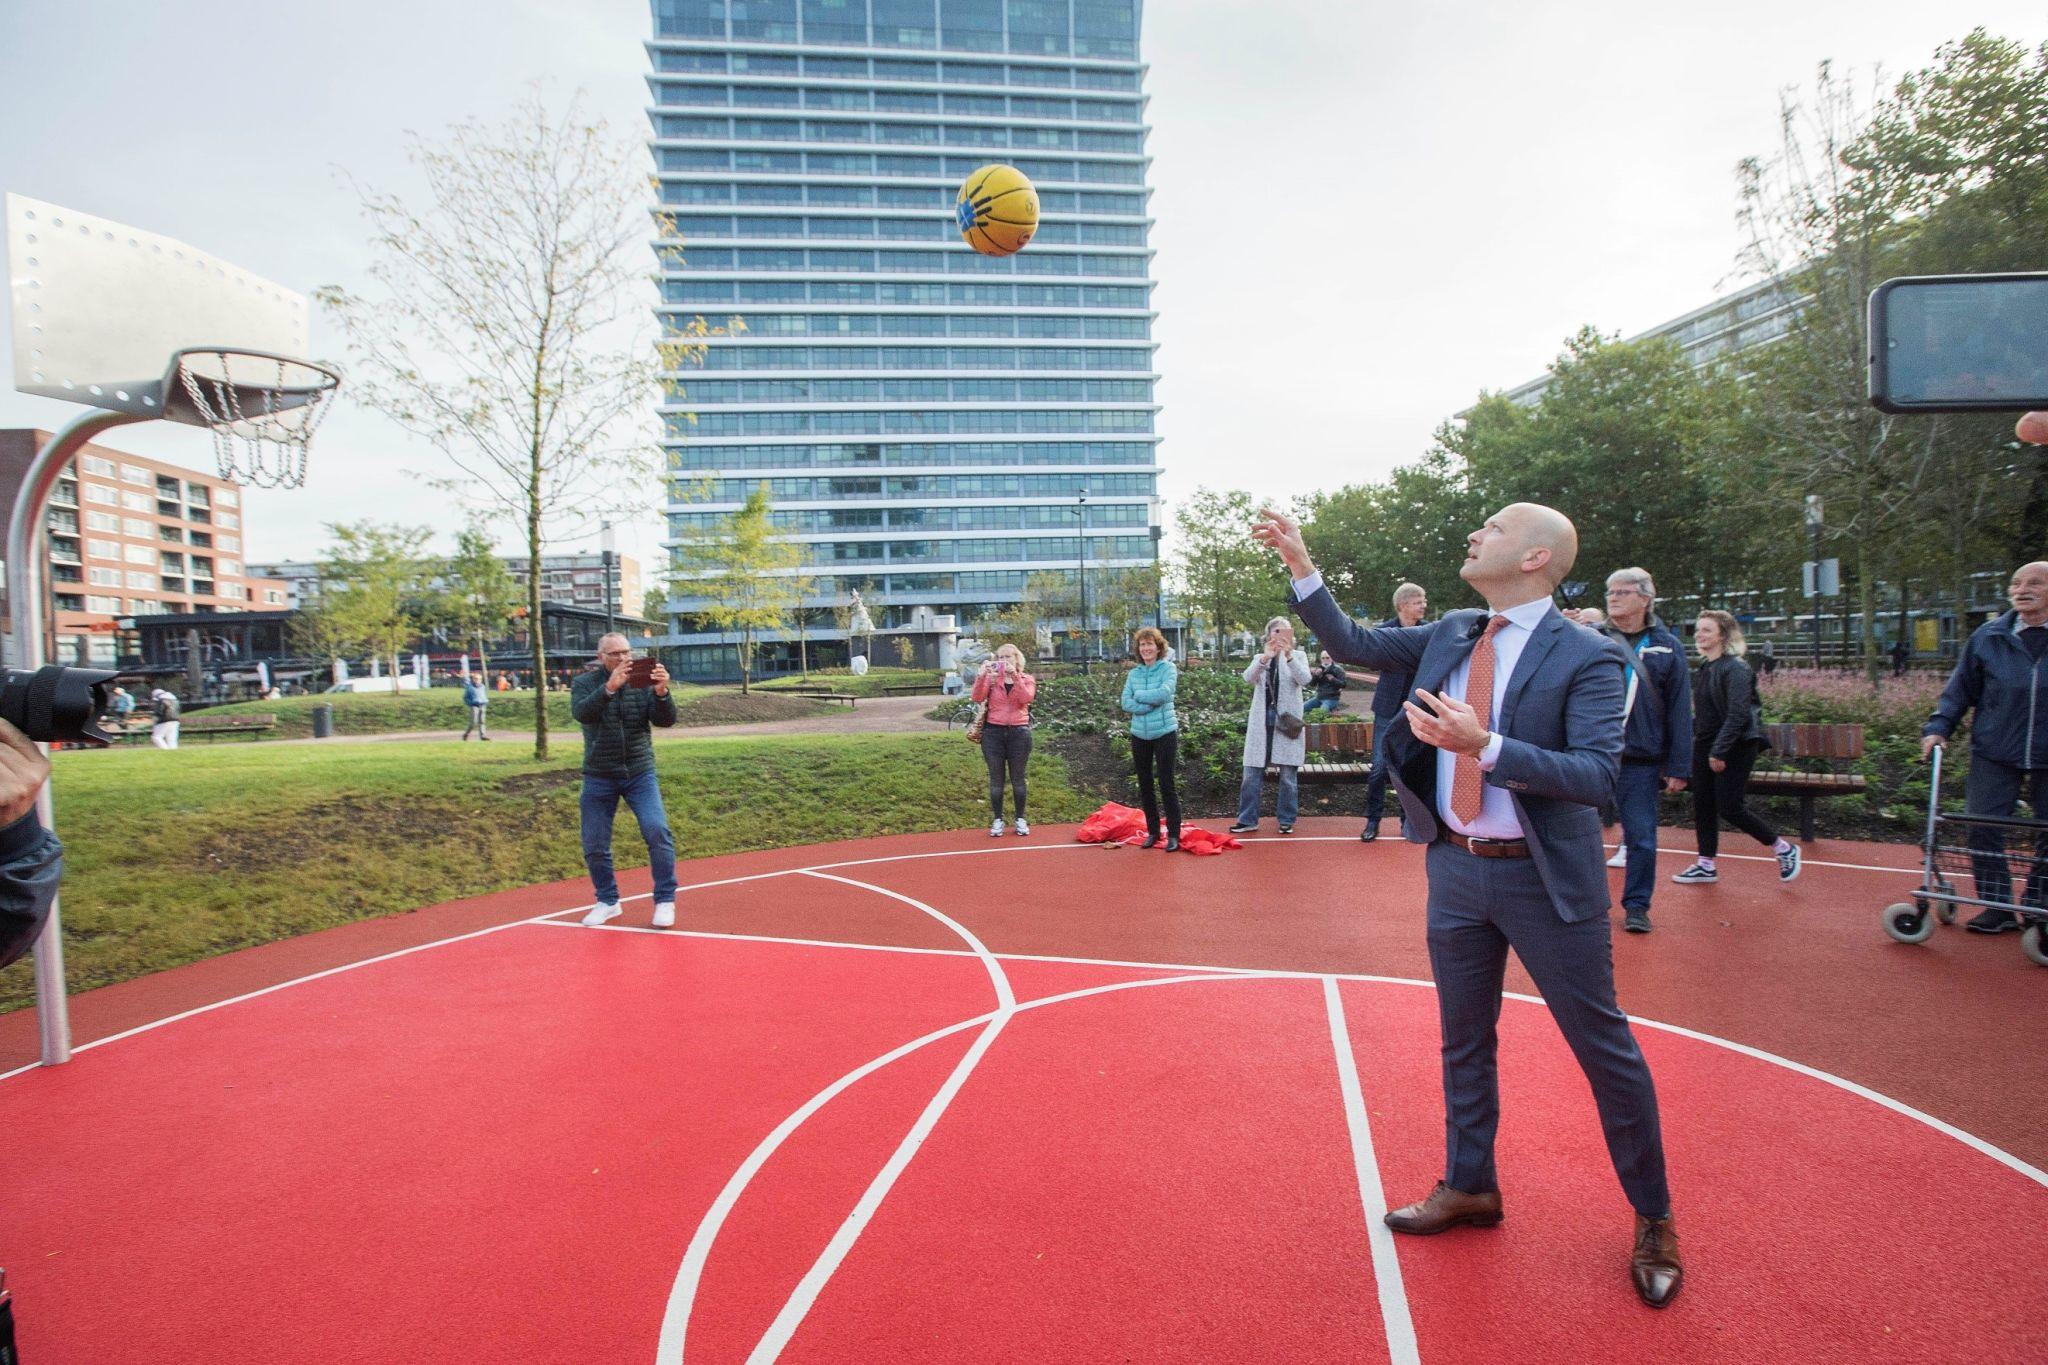 Basketbalveld Bogaardpelin